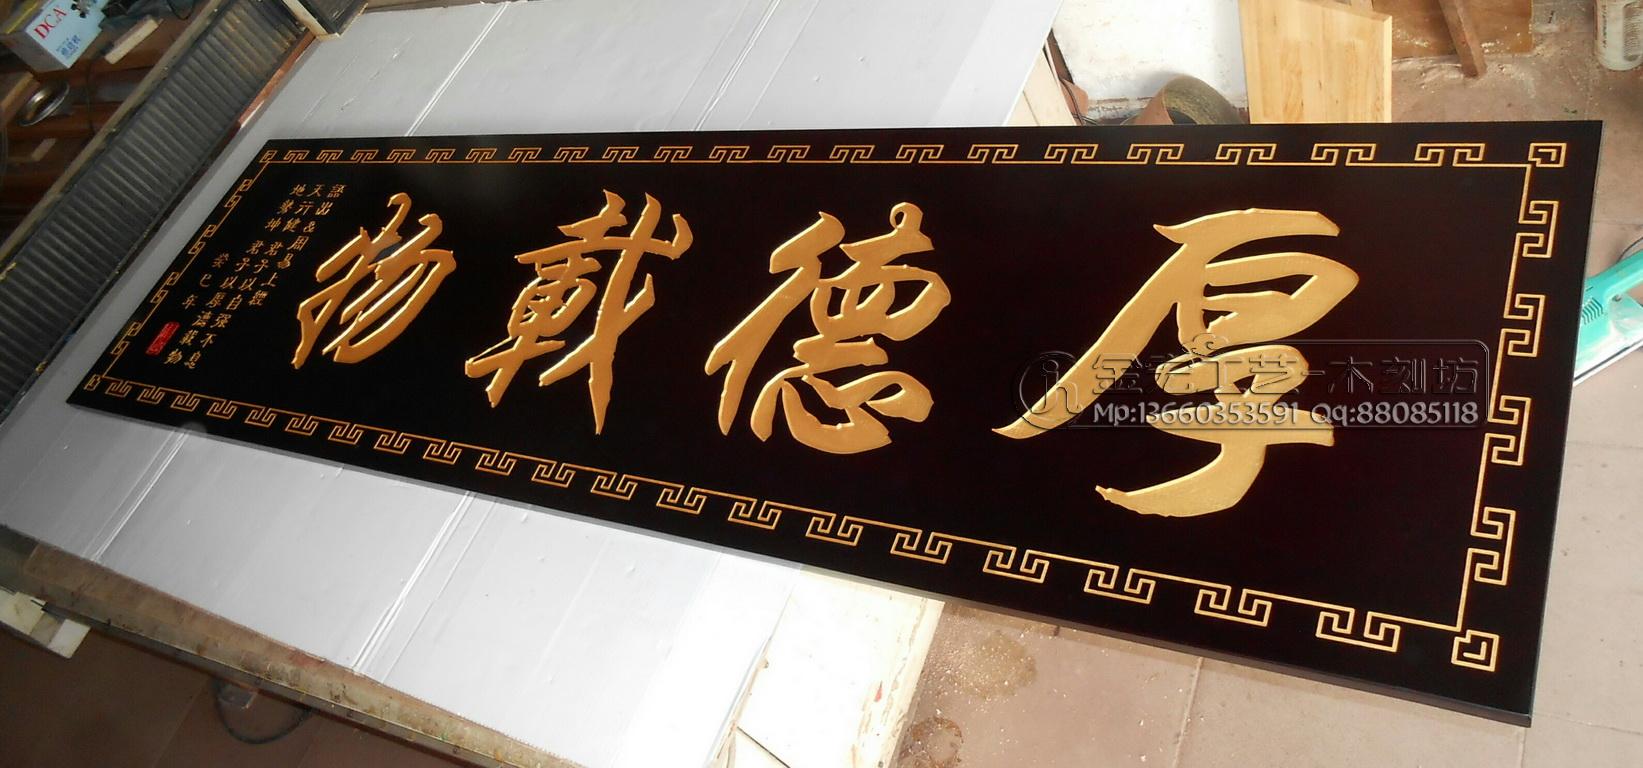 厚德载物 - 金宏工艺-木雕牌匾|木刻招牌|雕刻书法